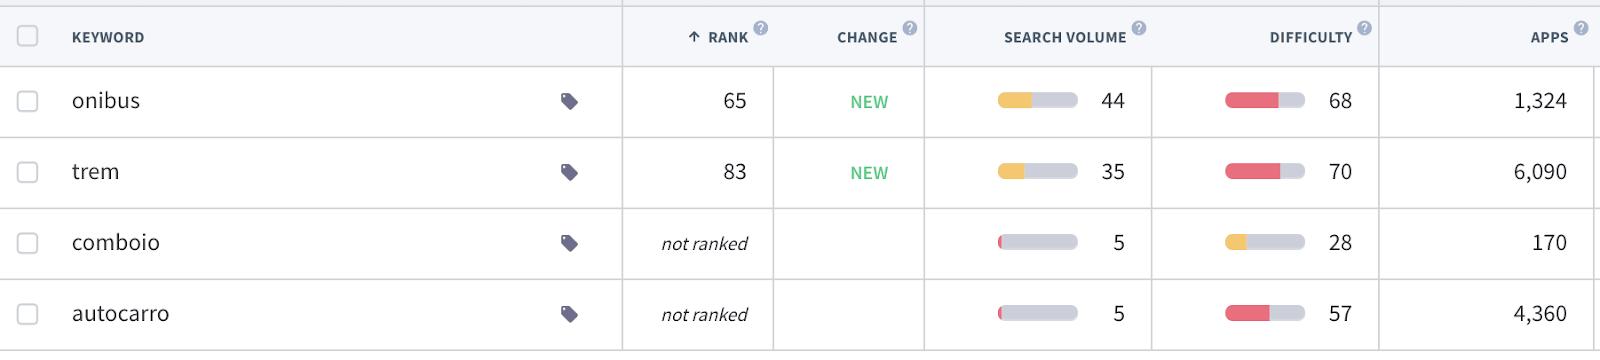 App Keywords Brazil Apple App Store